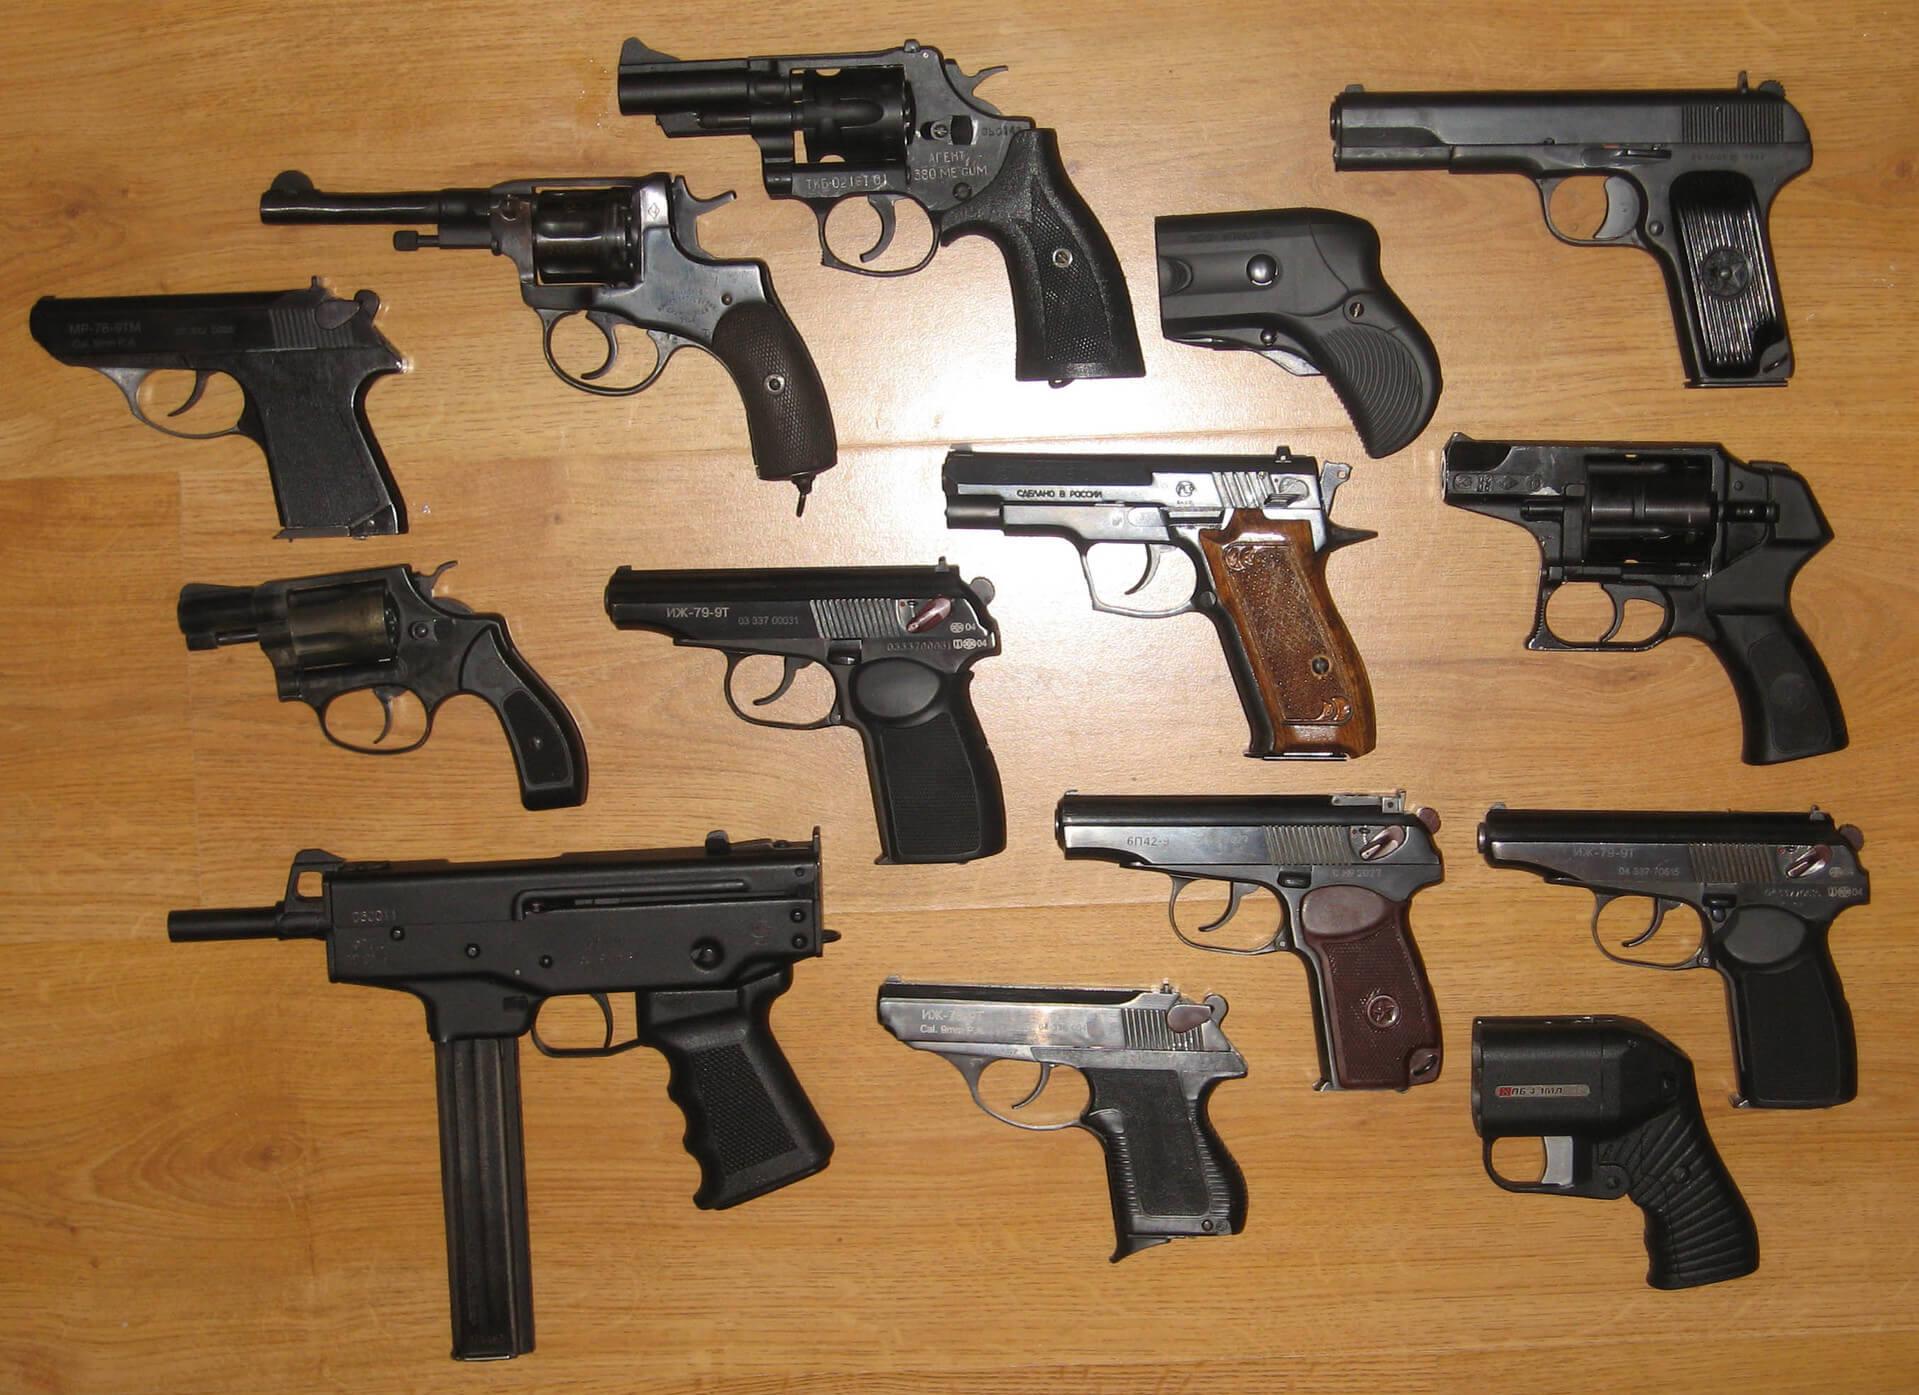 Получение разрешения на травматическое оружие: документы и процедура